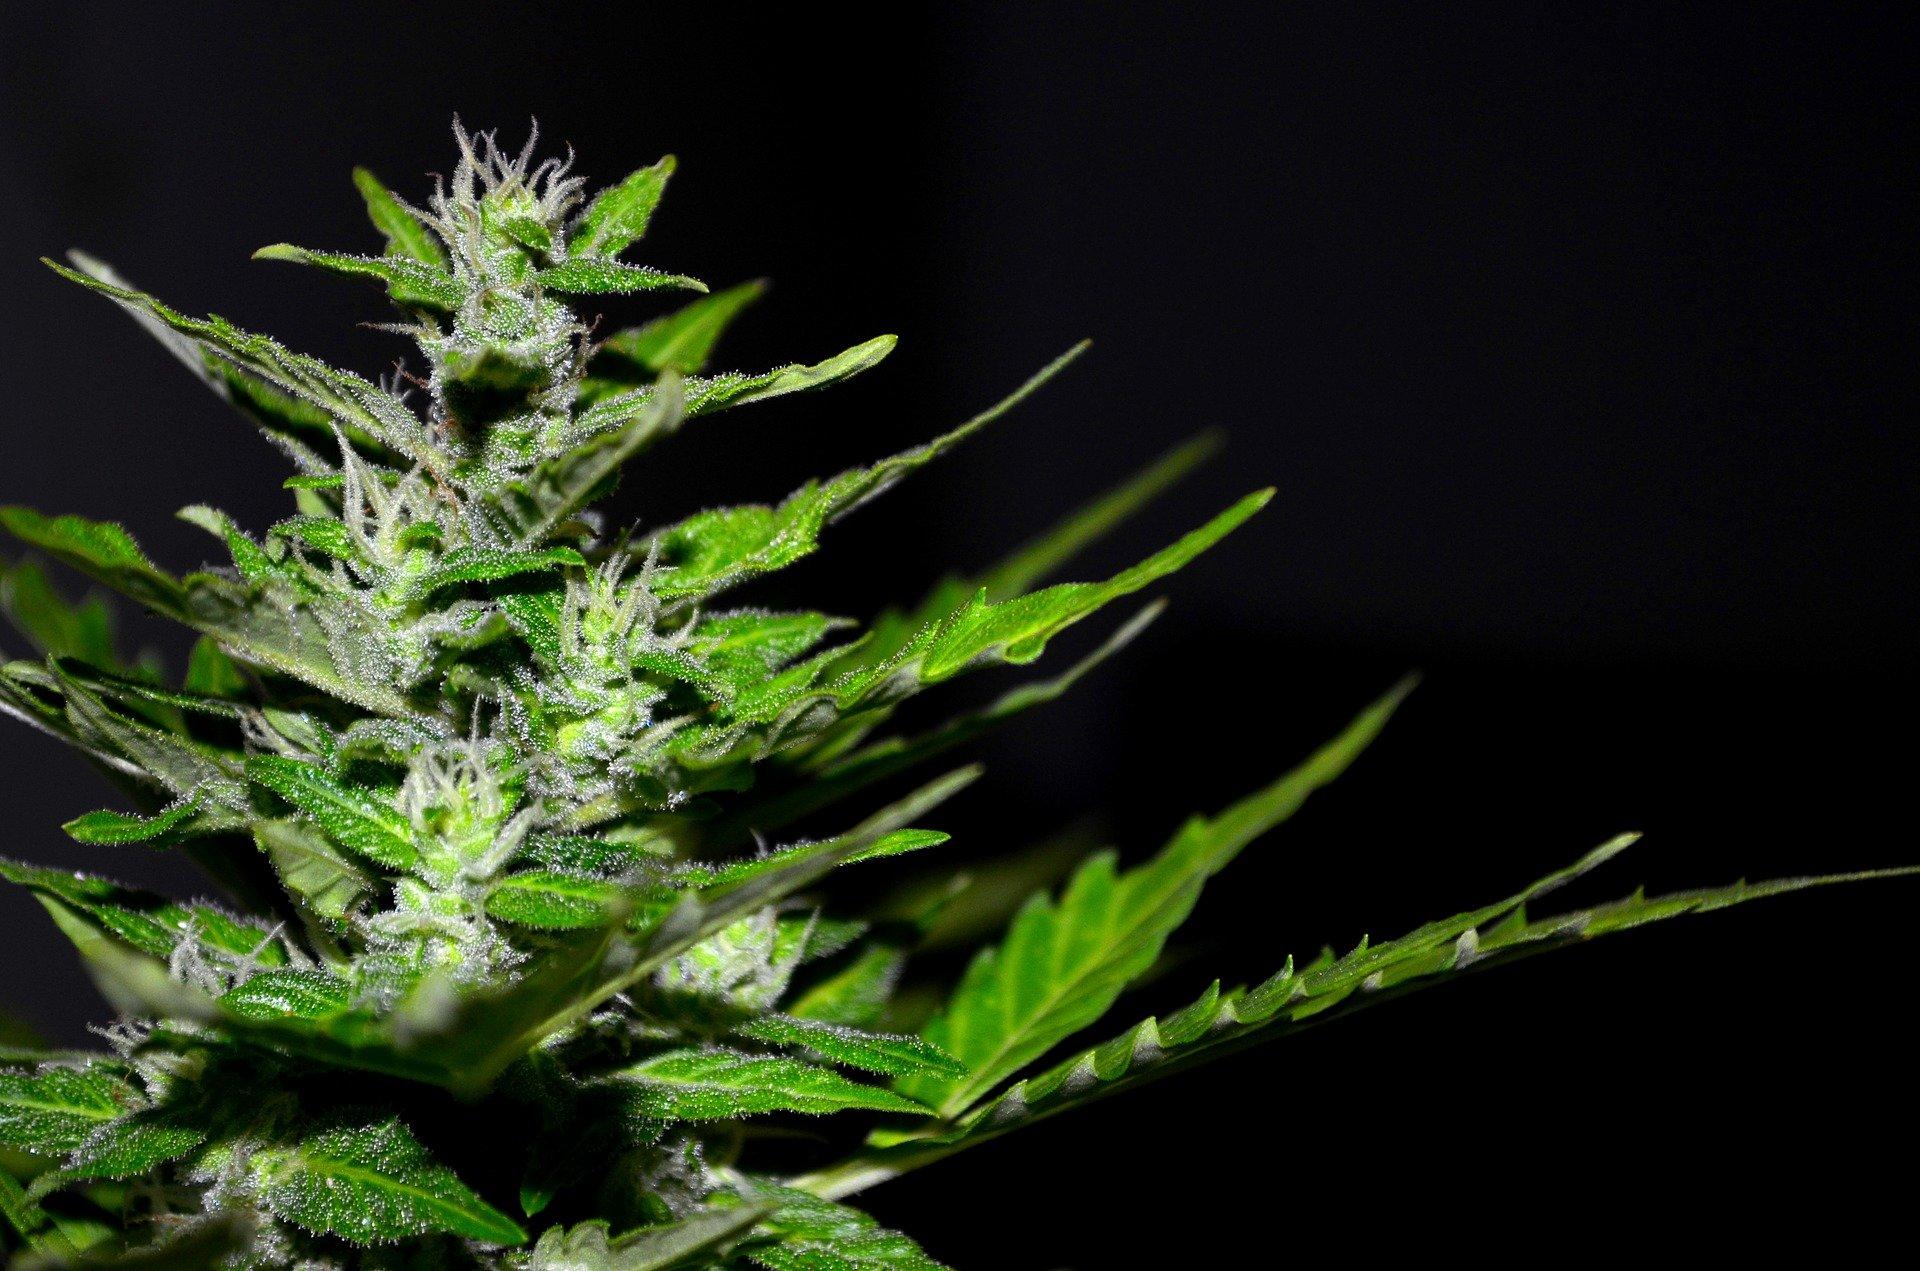 Cannabis ein Werkzeug des Teufels? Pharmaindustrie versus Naturheilkunde